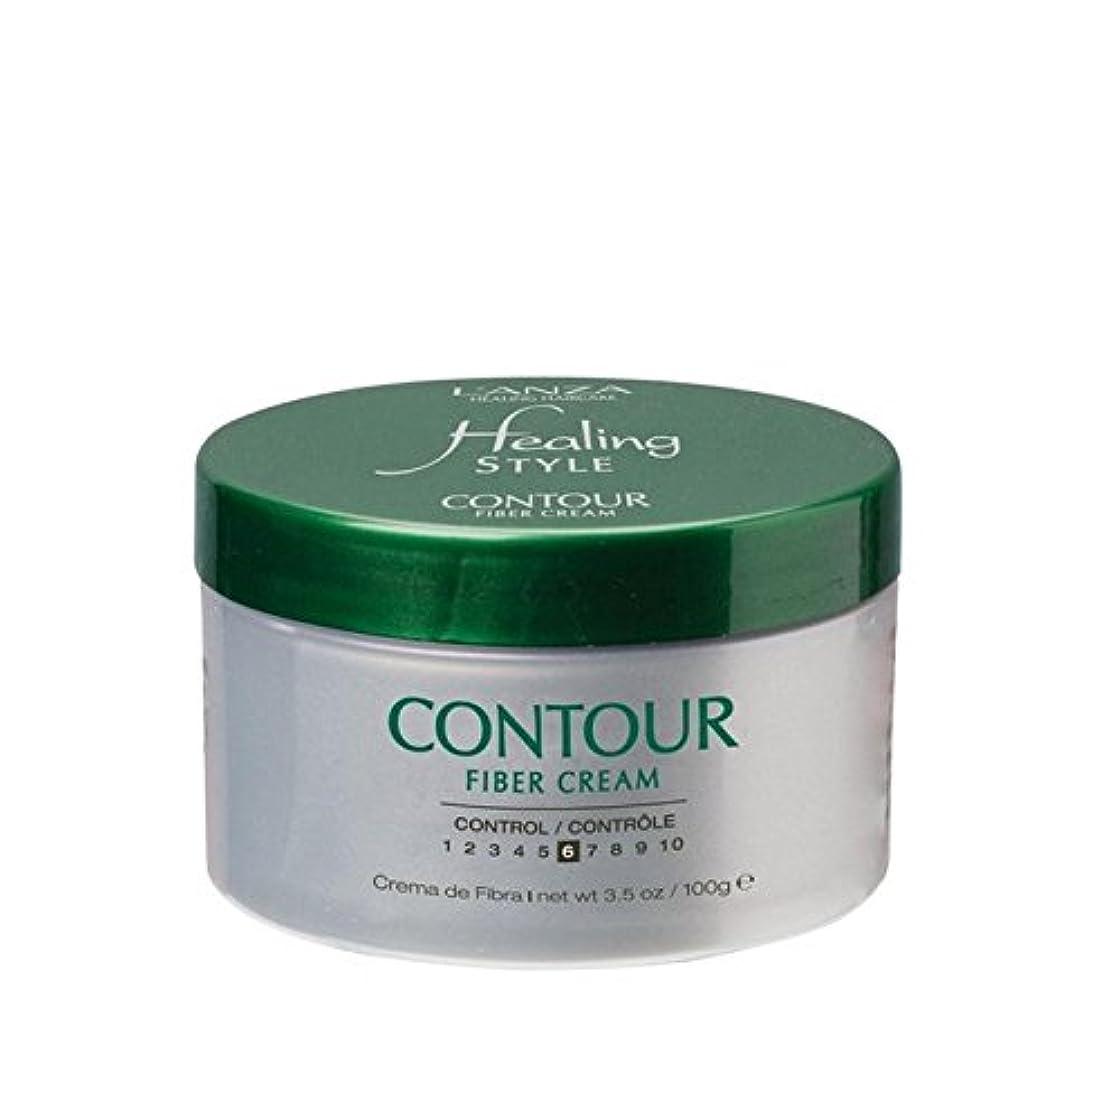 してはいけない些細フィッティングアンザ癒しのスタイル輪郭繊維クリーム(100グラム) x4 - L'Anza Healing Style Contour Fiber Cream (100G) (Pack of 4) [並行輸入品]